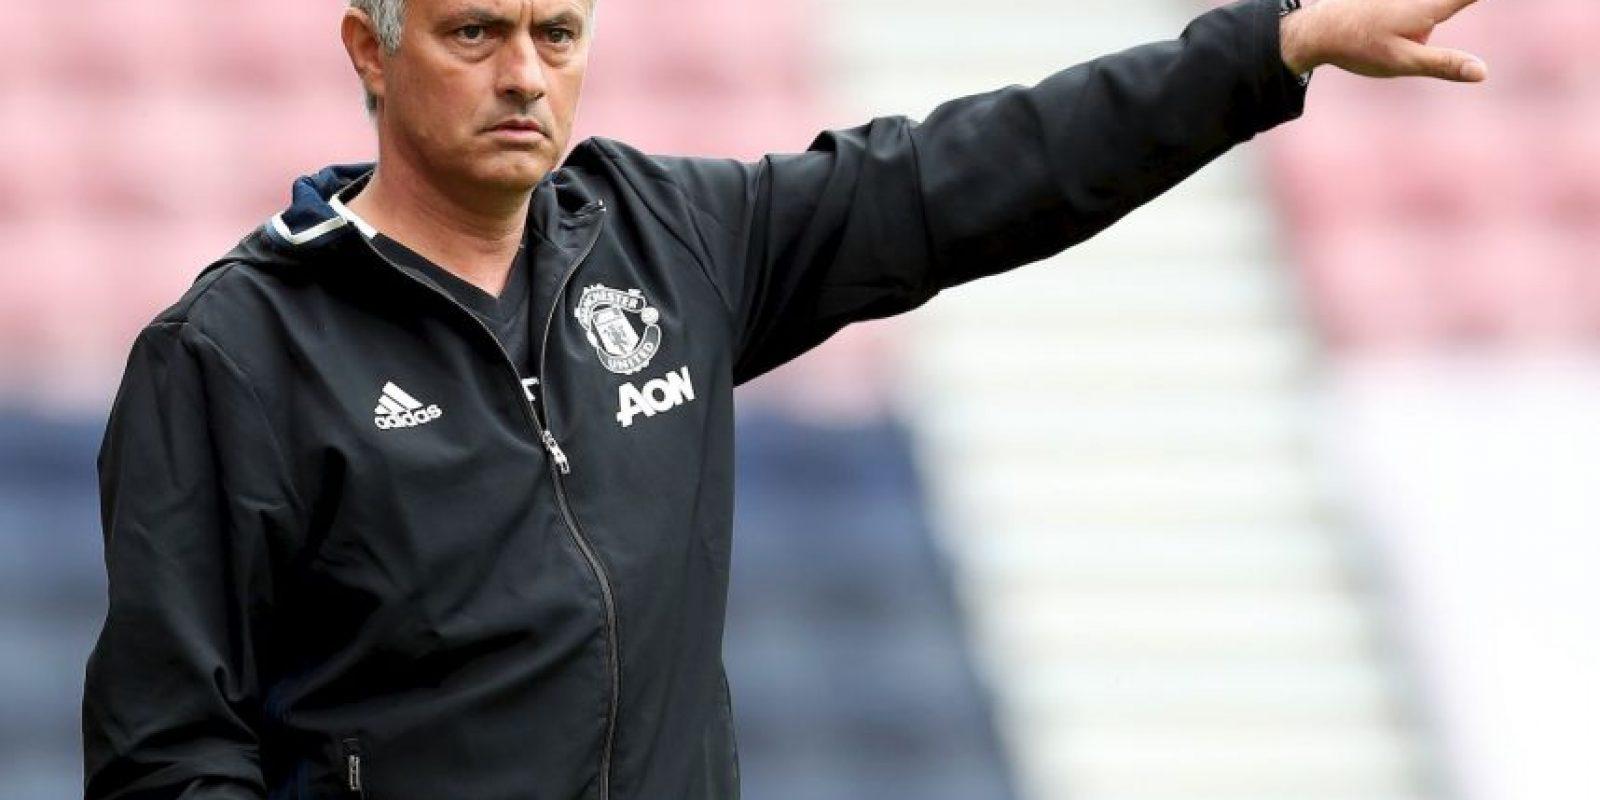 Ahora, con los Diablos Rojos espera repetir los éxitos que ha tenido en Chelsea, Real Madrid o Porto Foto:Getty Images